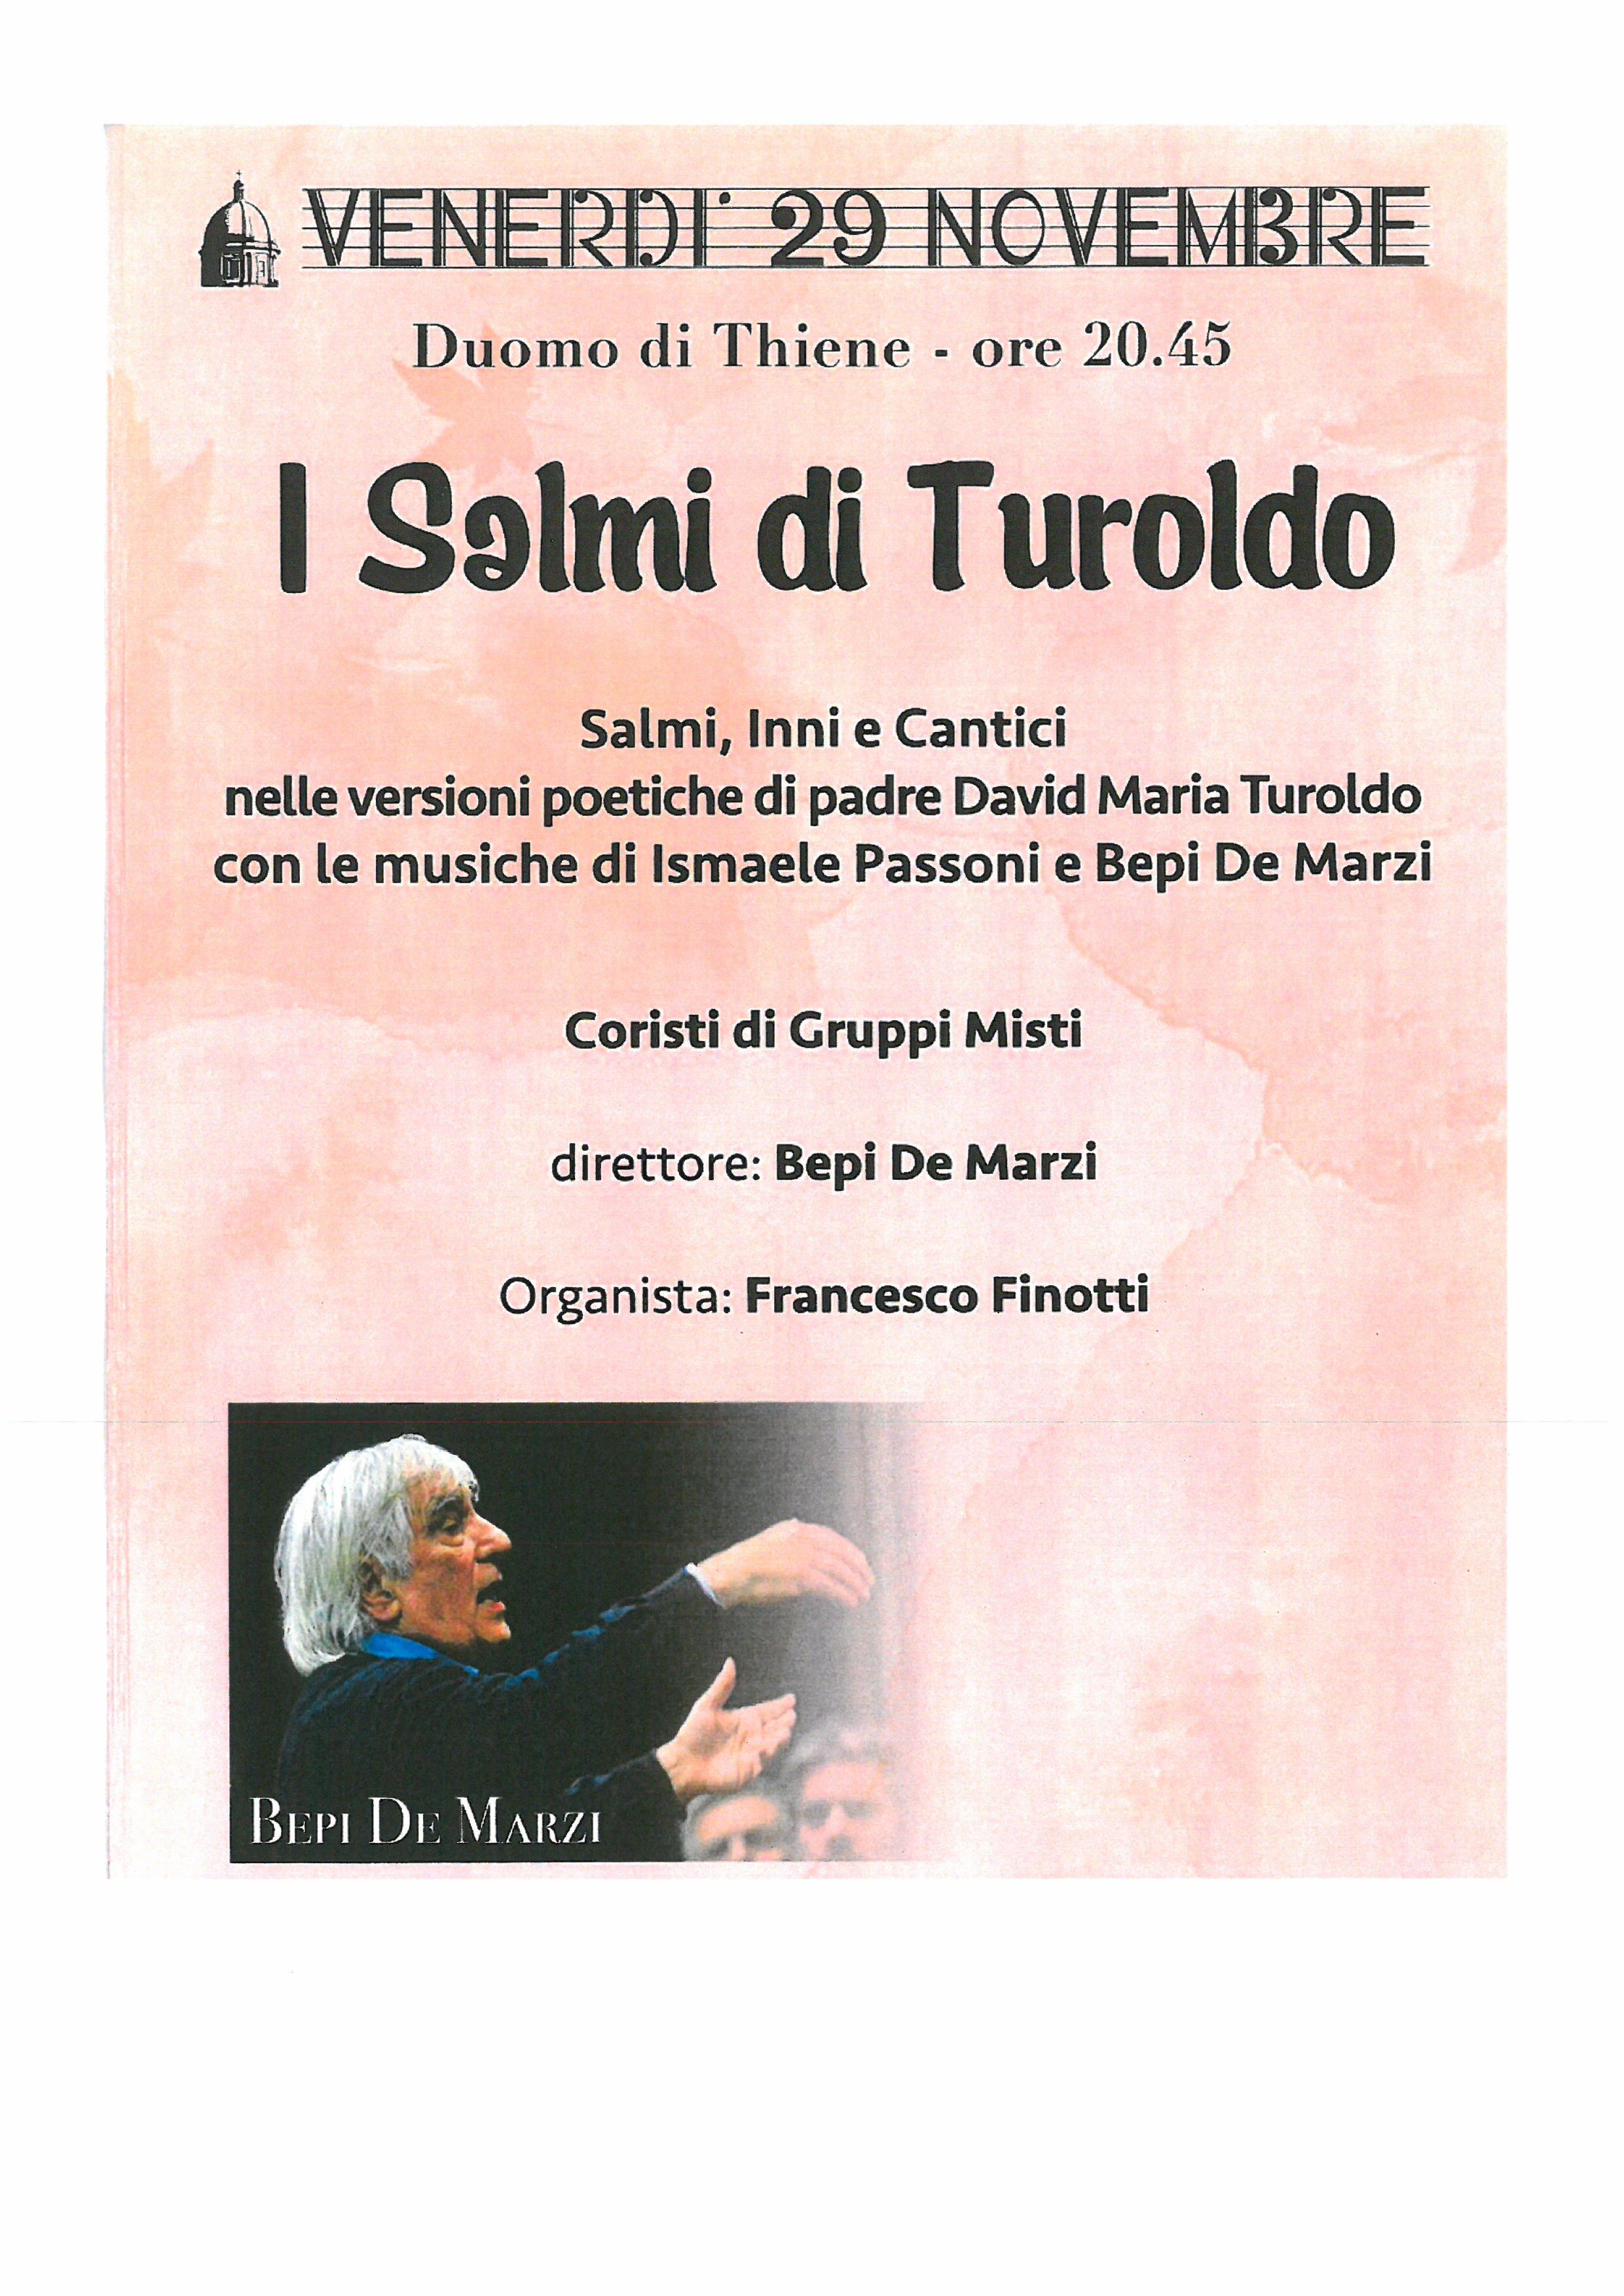 I Salmi di Turboldo con Bepi De Marzi